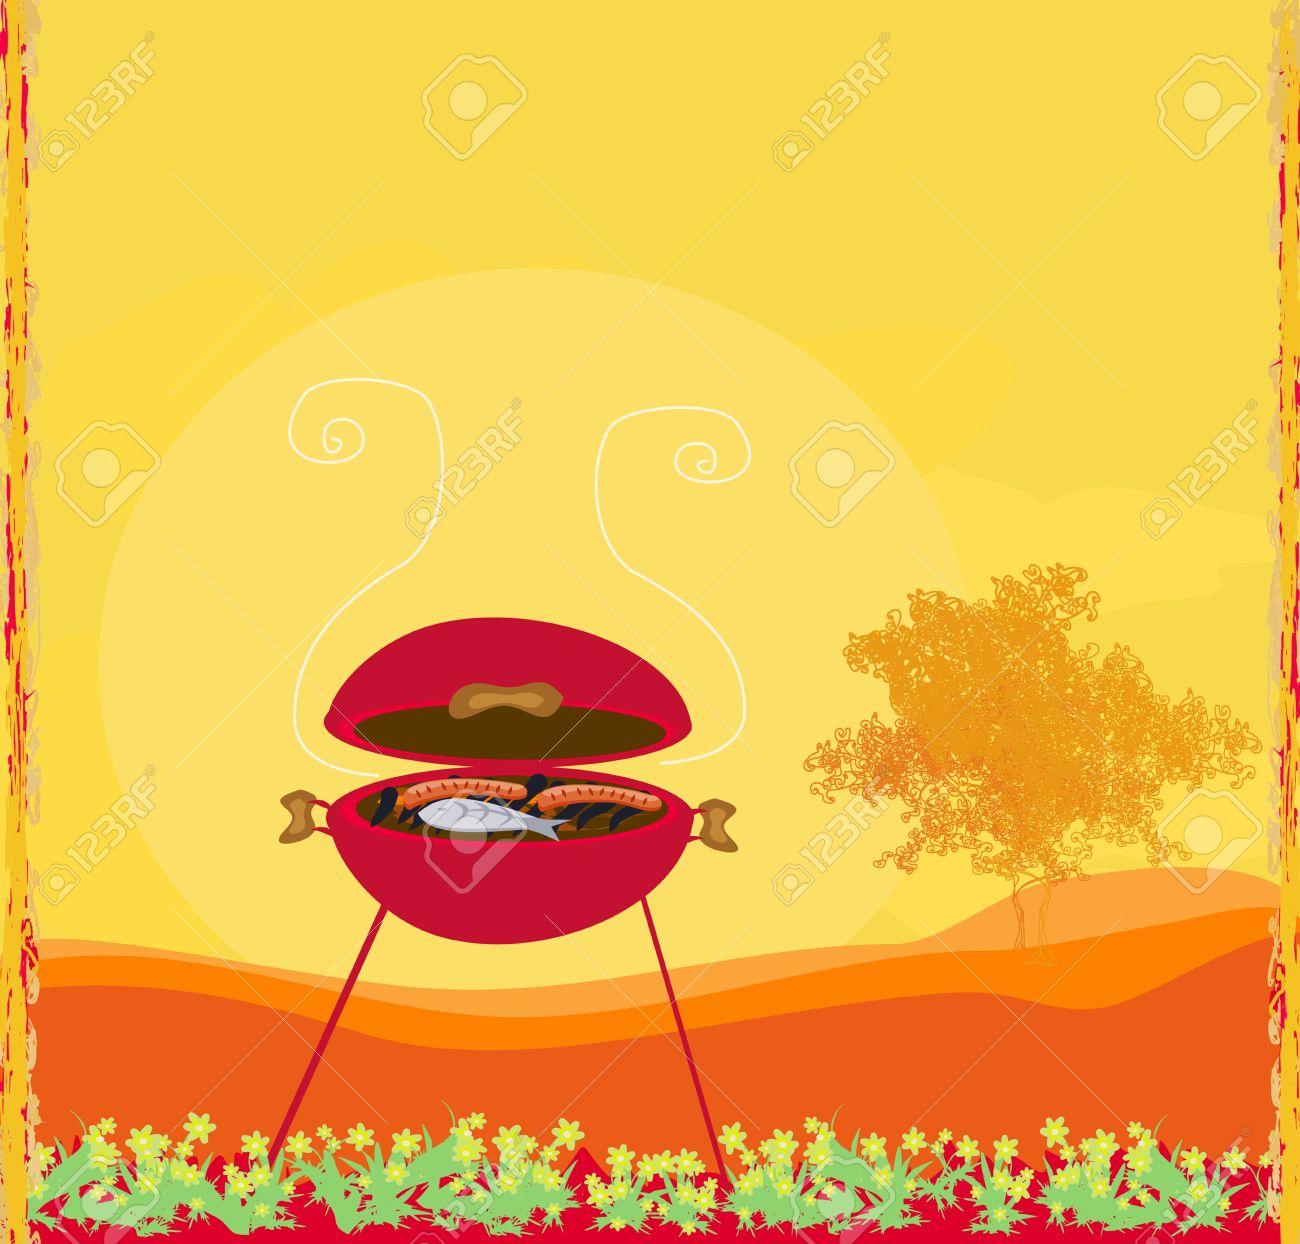 grill party-einladung lizenzfrei nutzbare vektorgrafiken, clip, Einladung